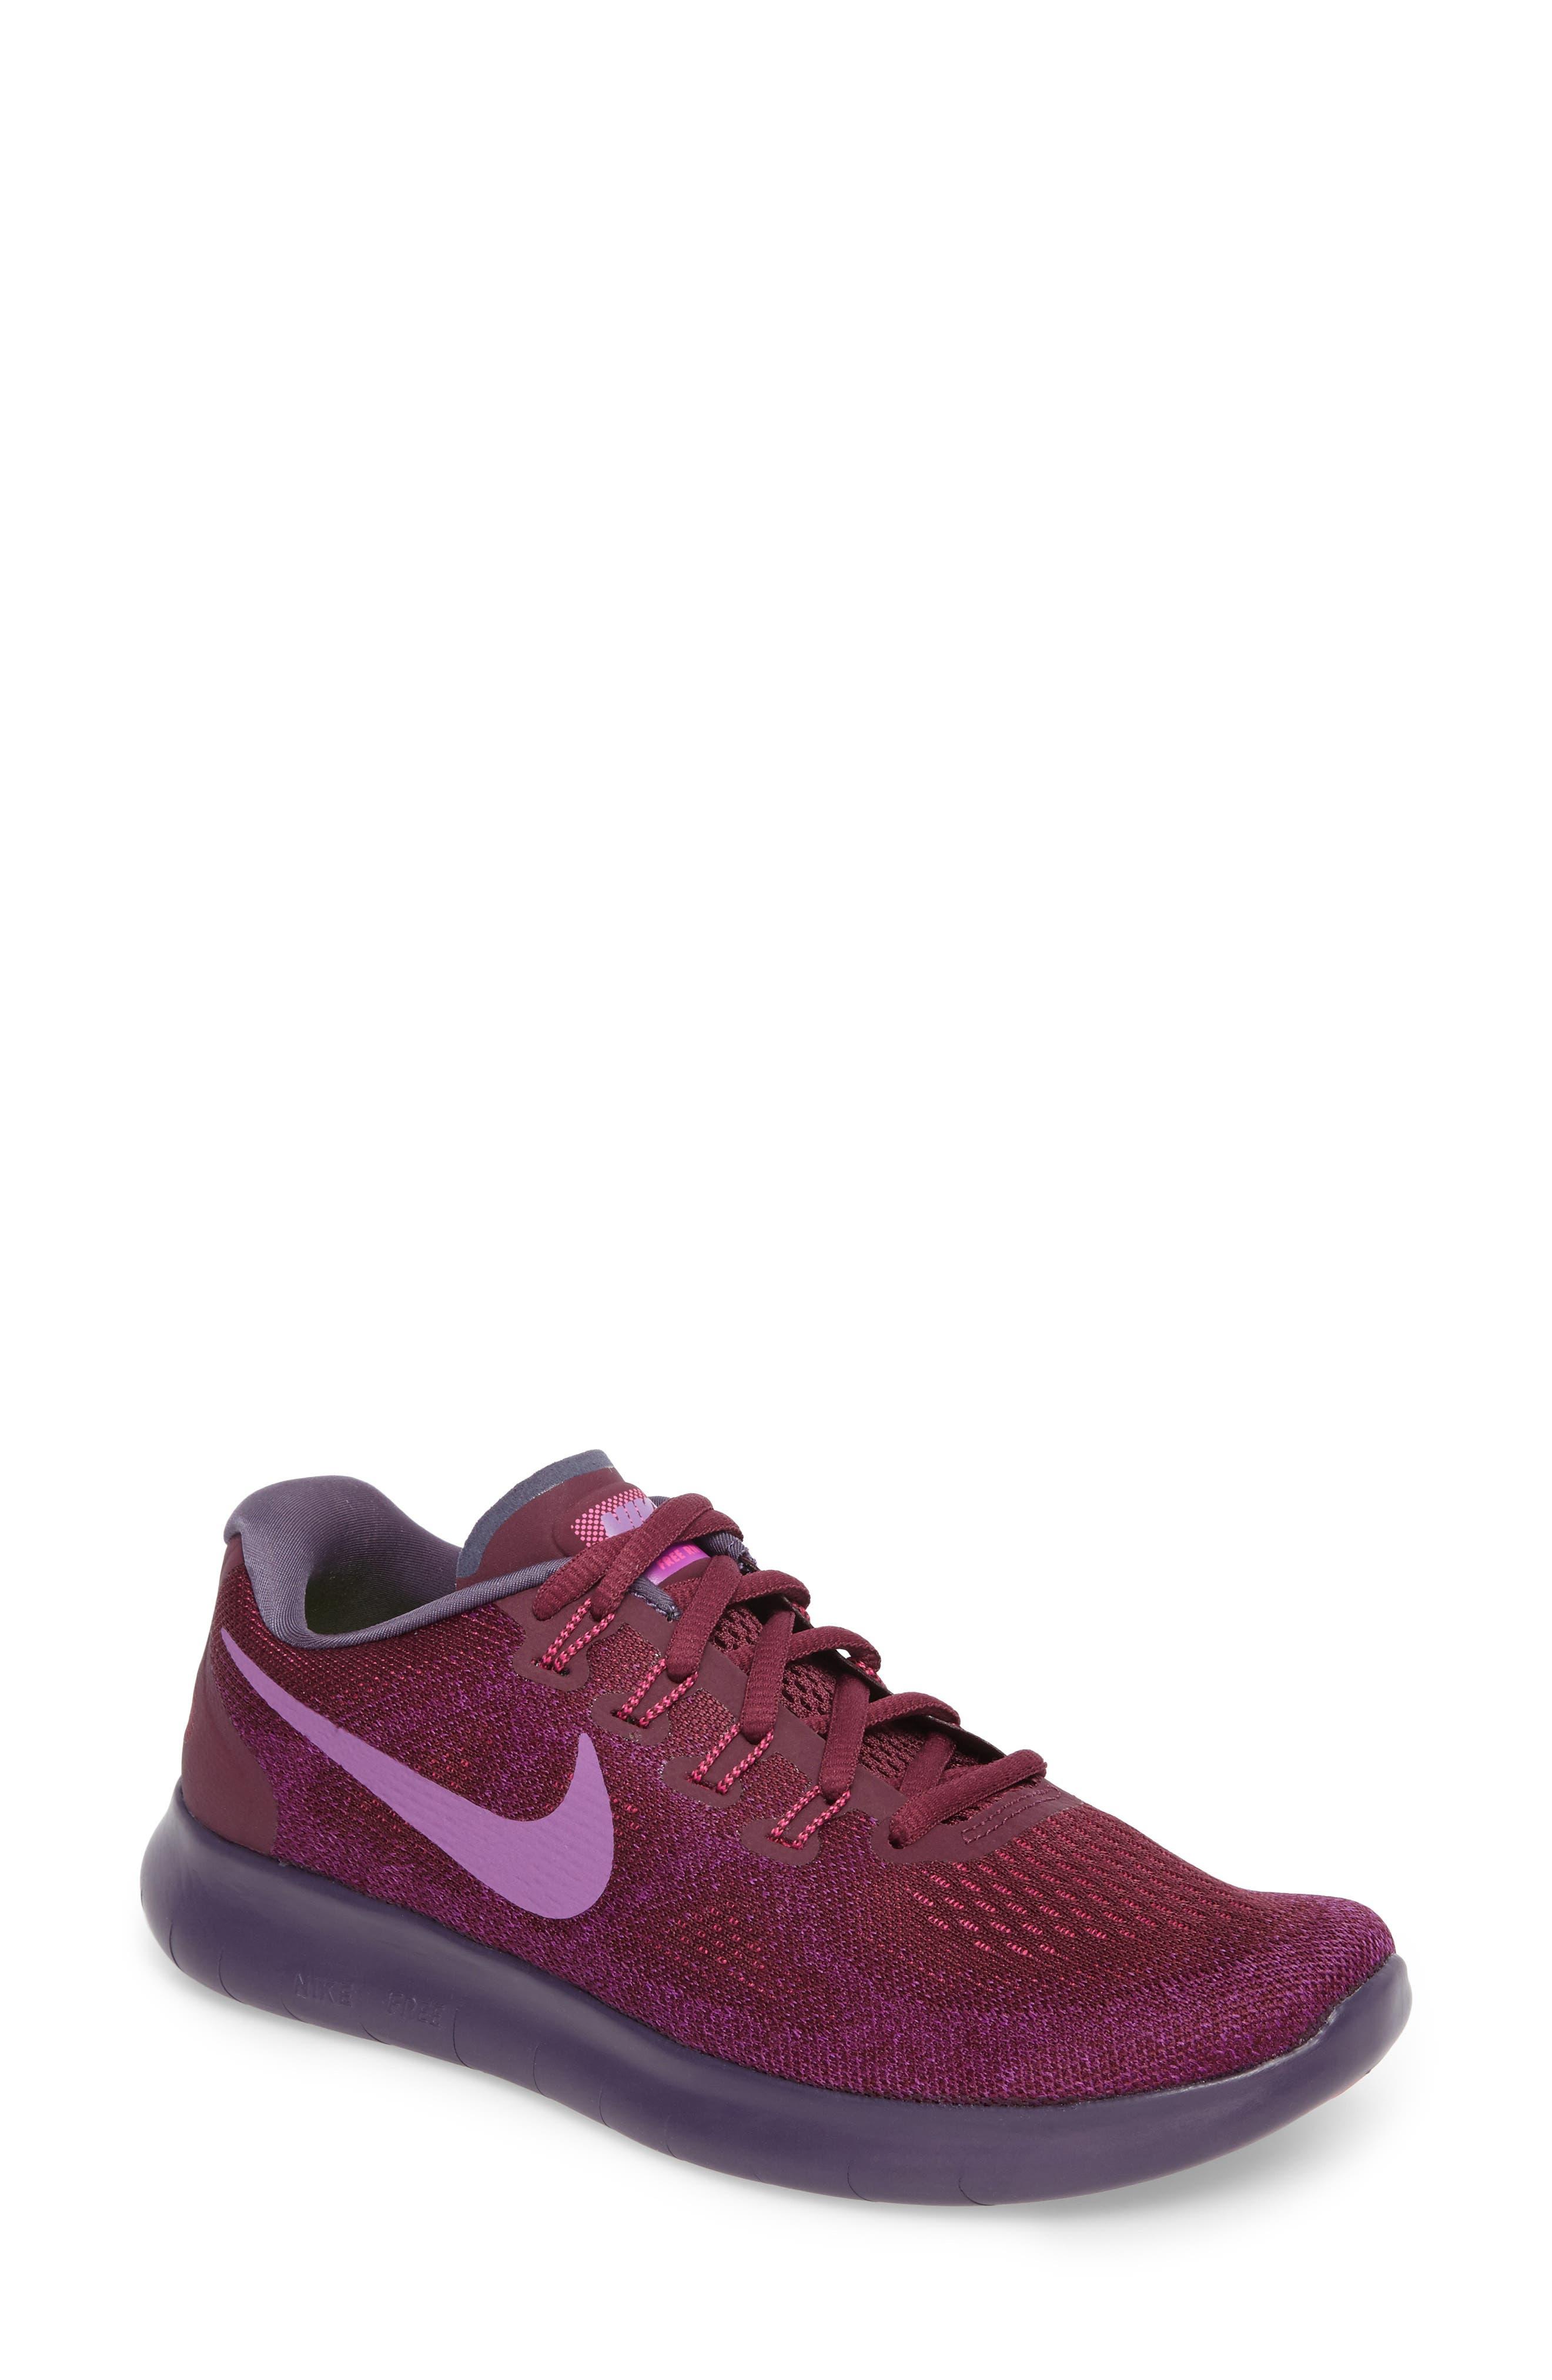 Alternate Image 1 Selected - Nike Free RN 2 Running Shoe (Women)